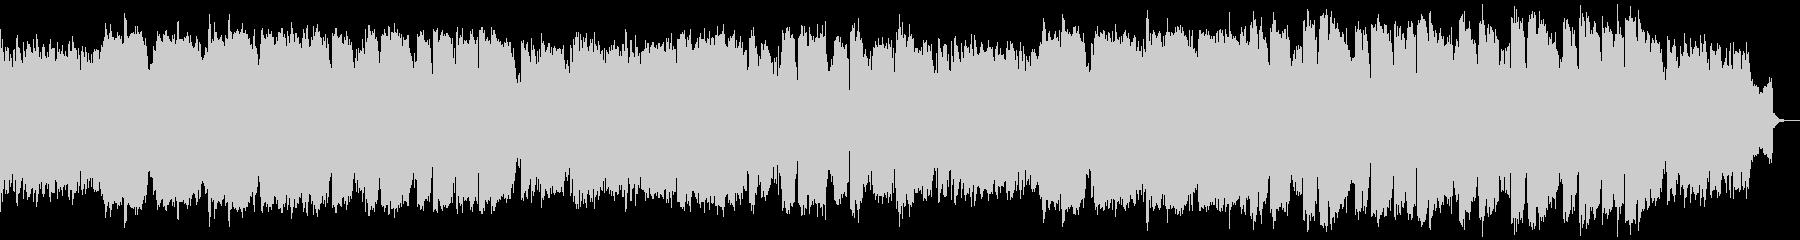 ピアノ管楽器による明るめの演歌風Popsの未再生の波形